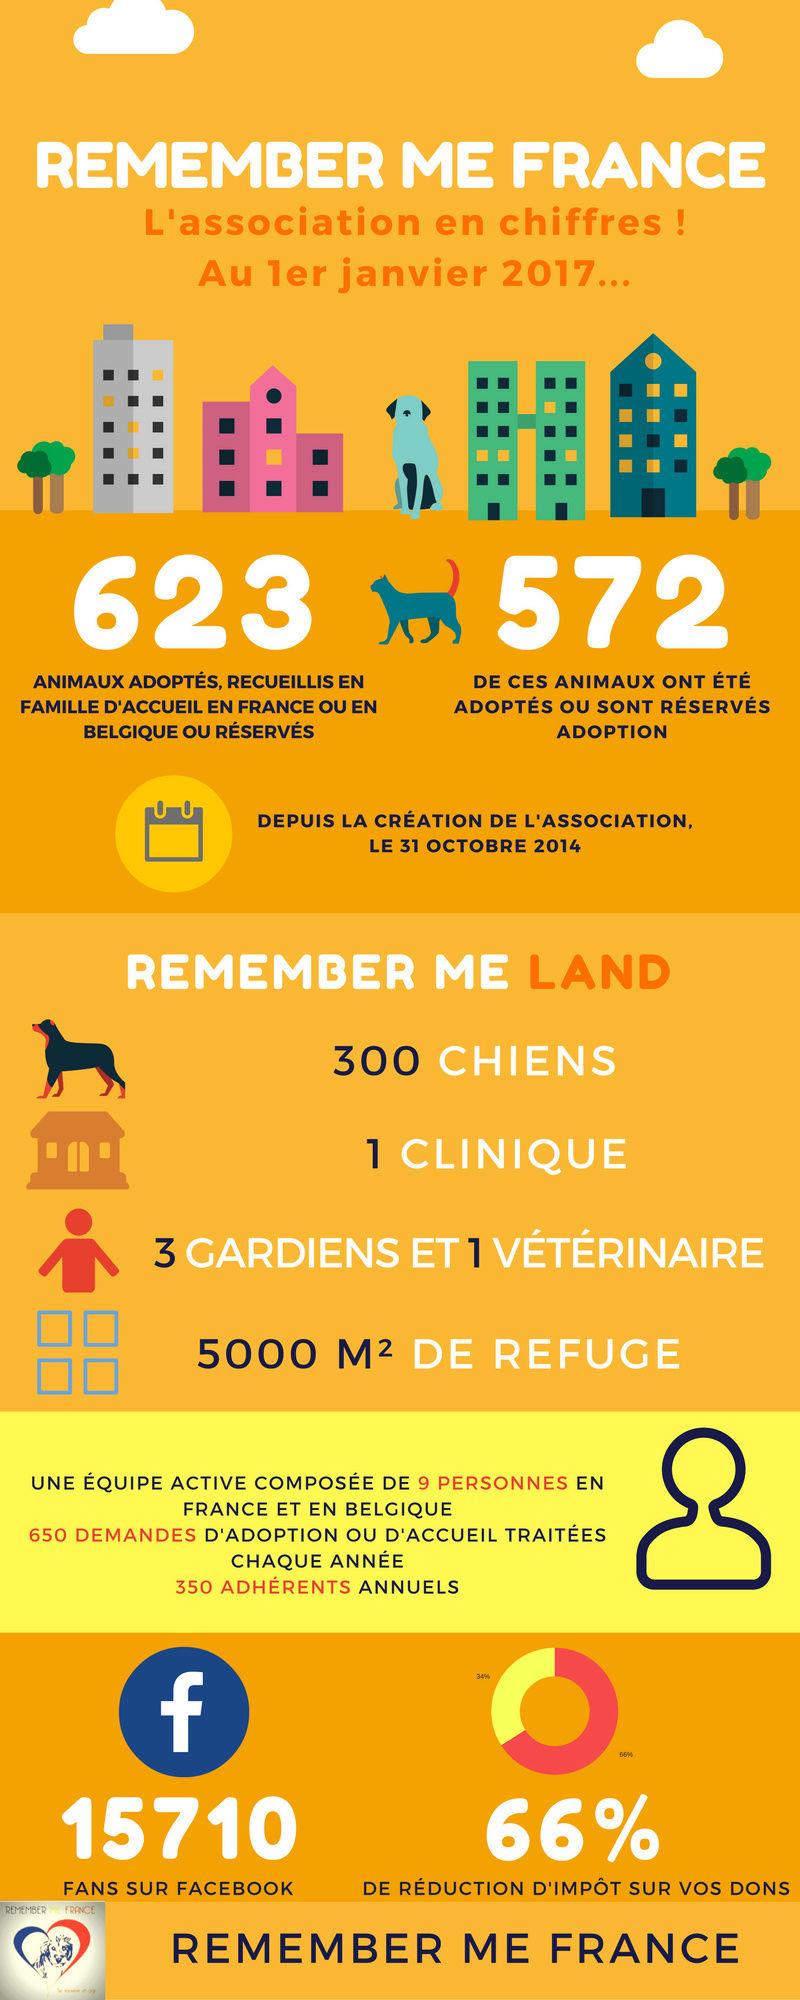 Infographie : REMEMBER ME FRANCE EN CHIFFRES ! Infogr10